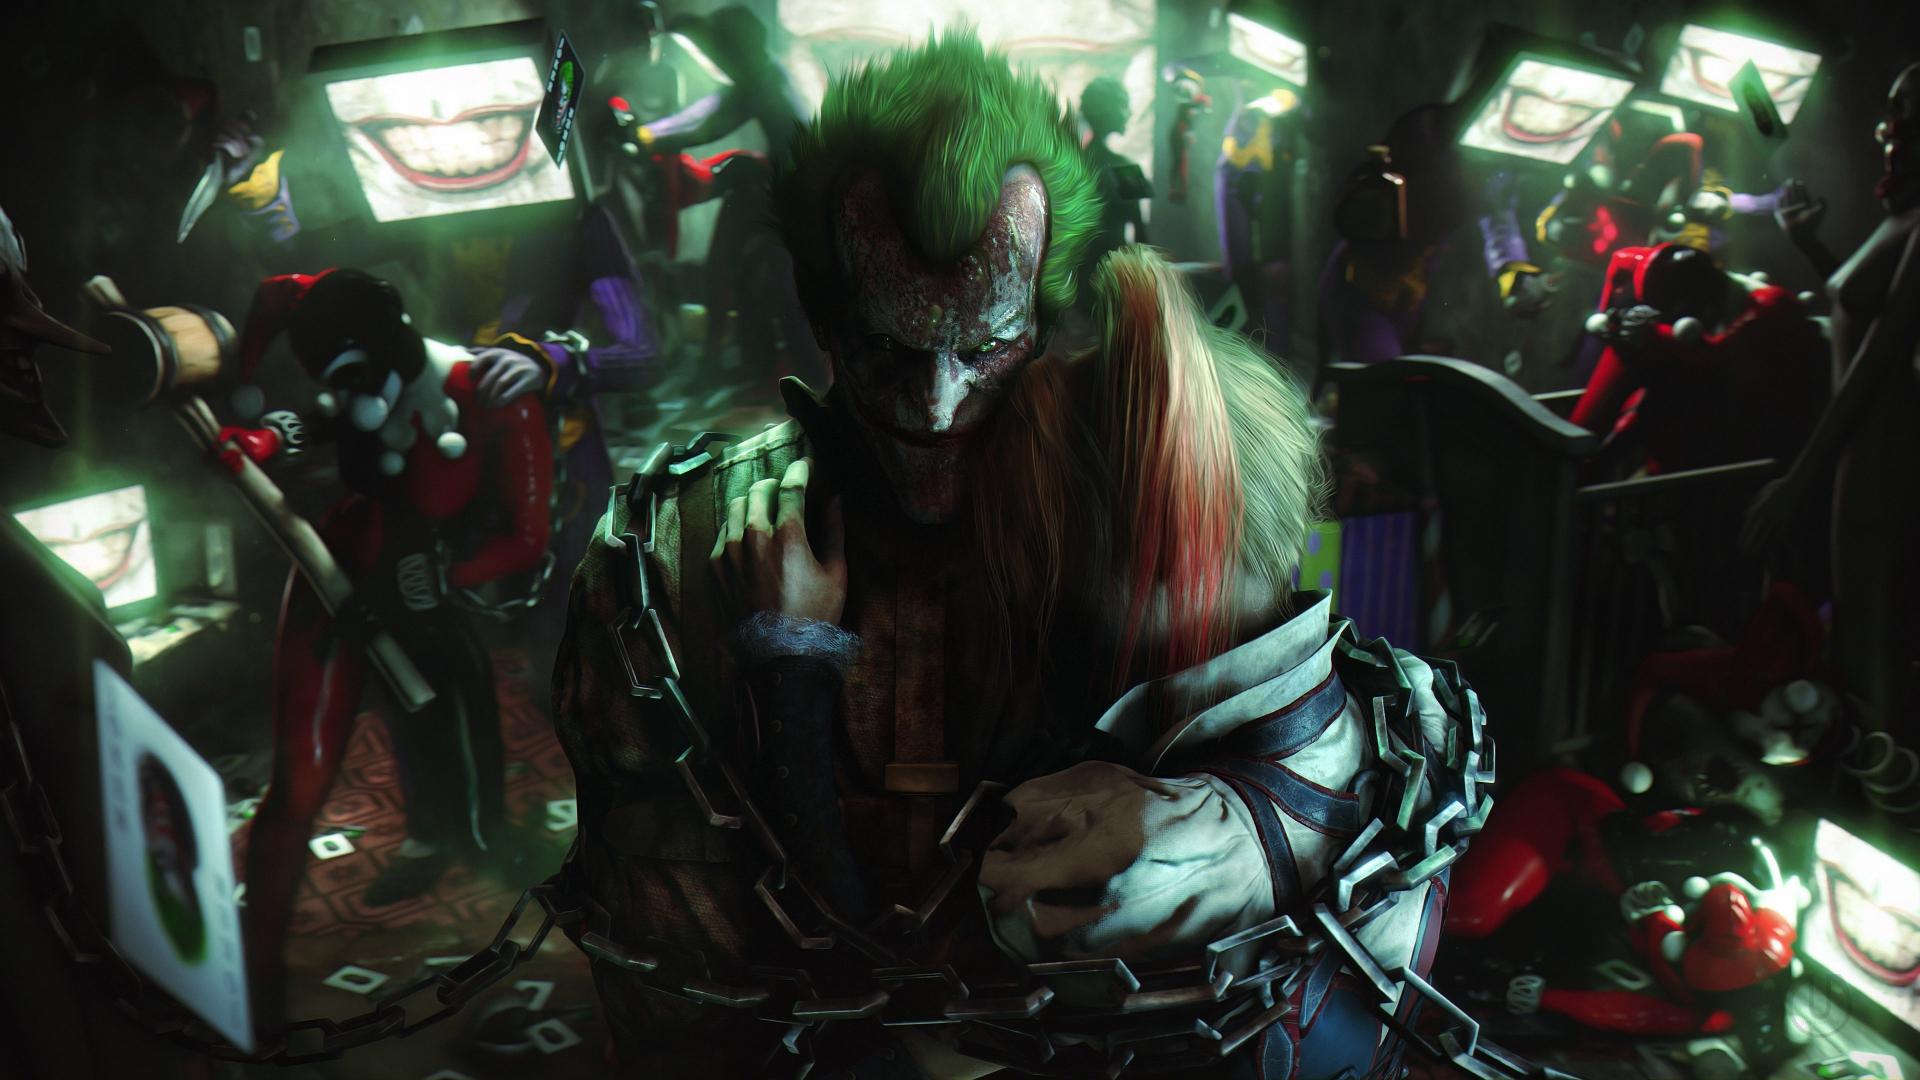 Download 1920x1080 Wallpaper Batman Arkham City Joker Villain